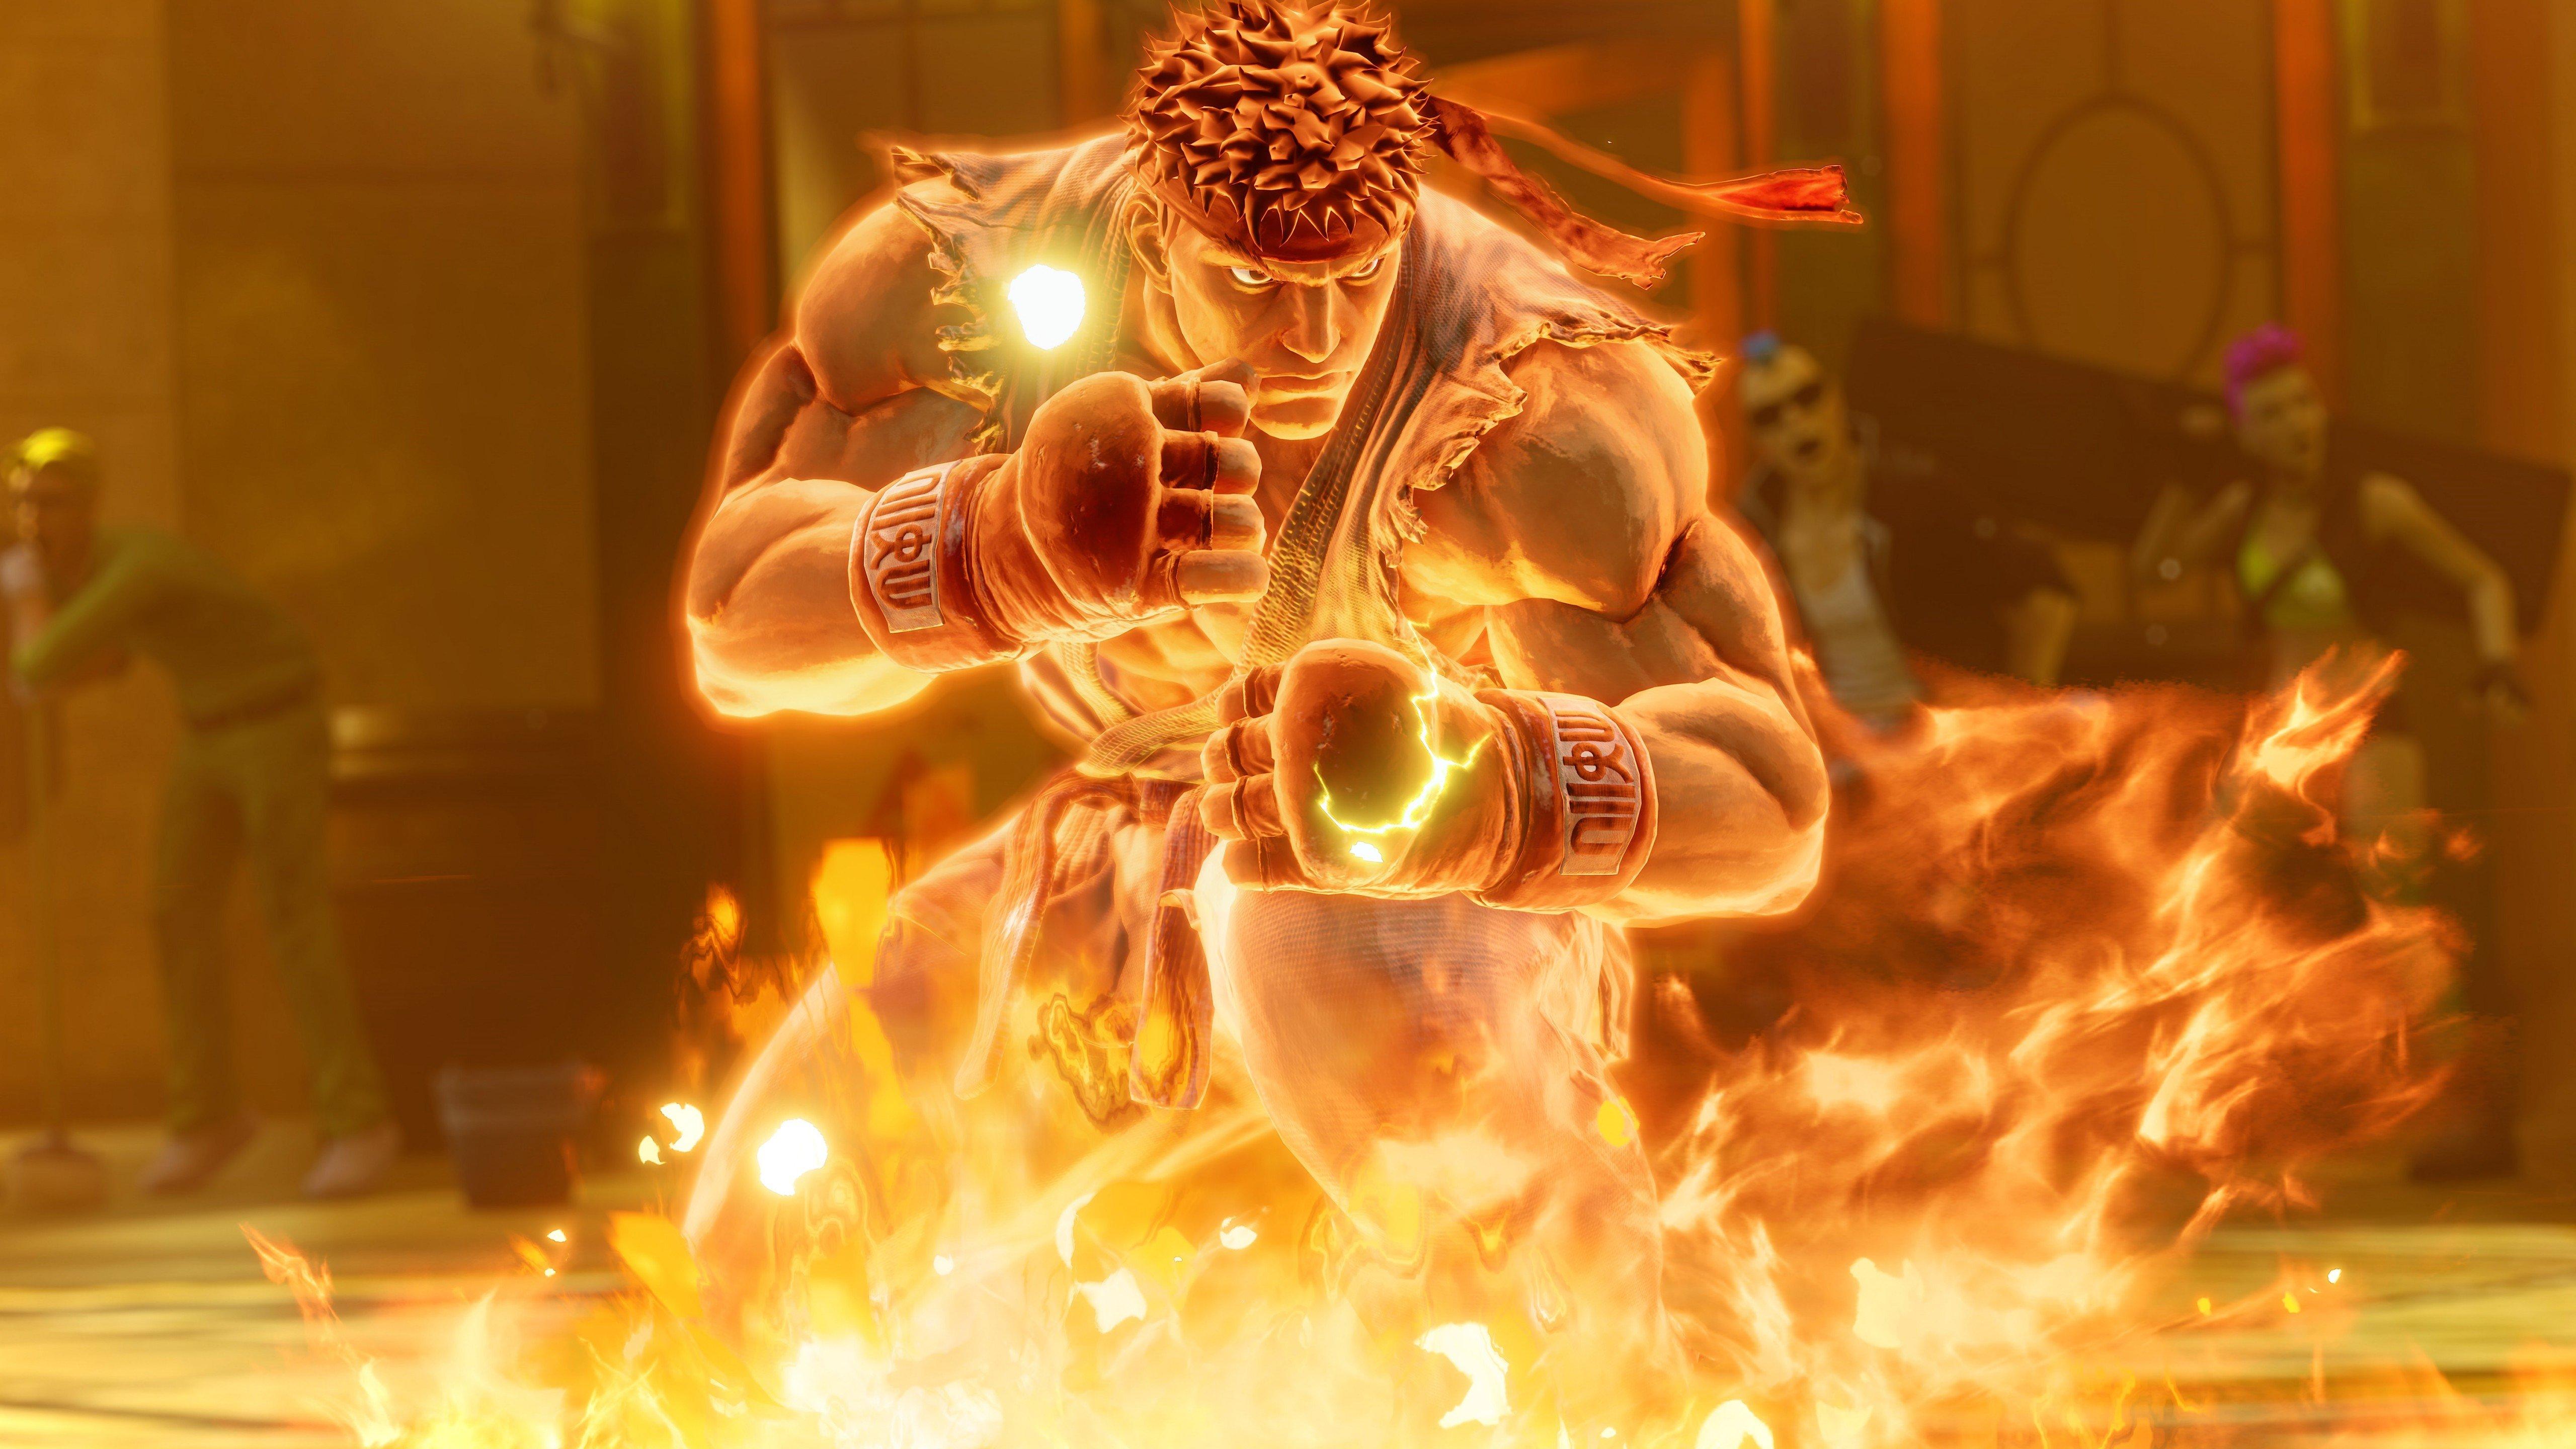 Fondos de pantalla Ryu de Street Fighter